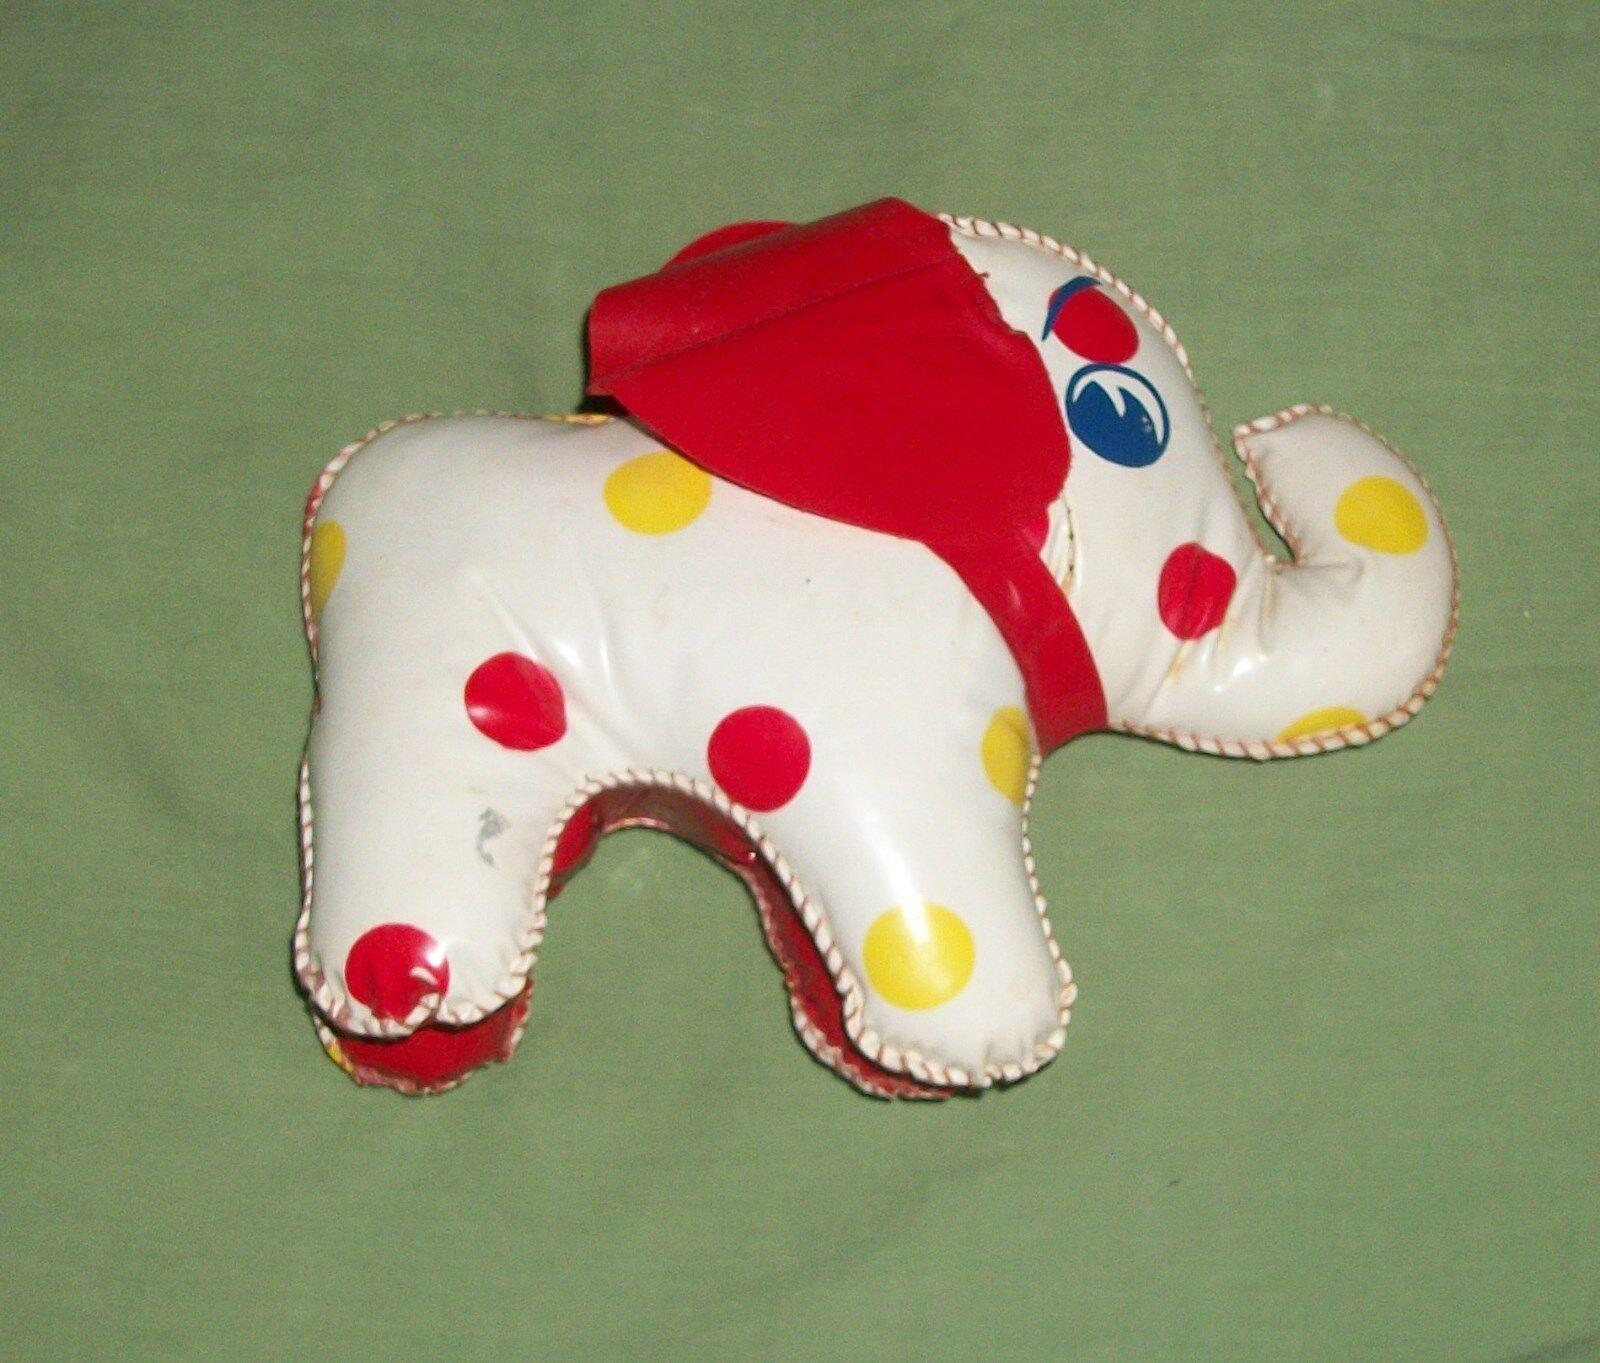 Ciudad De Colección Cochenaval Circo Feria novedad juguete de premio Vinilo Elefante Paquidermo Jumbo